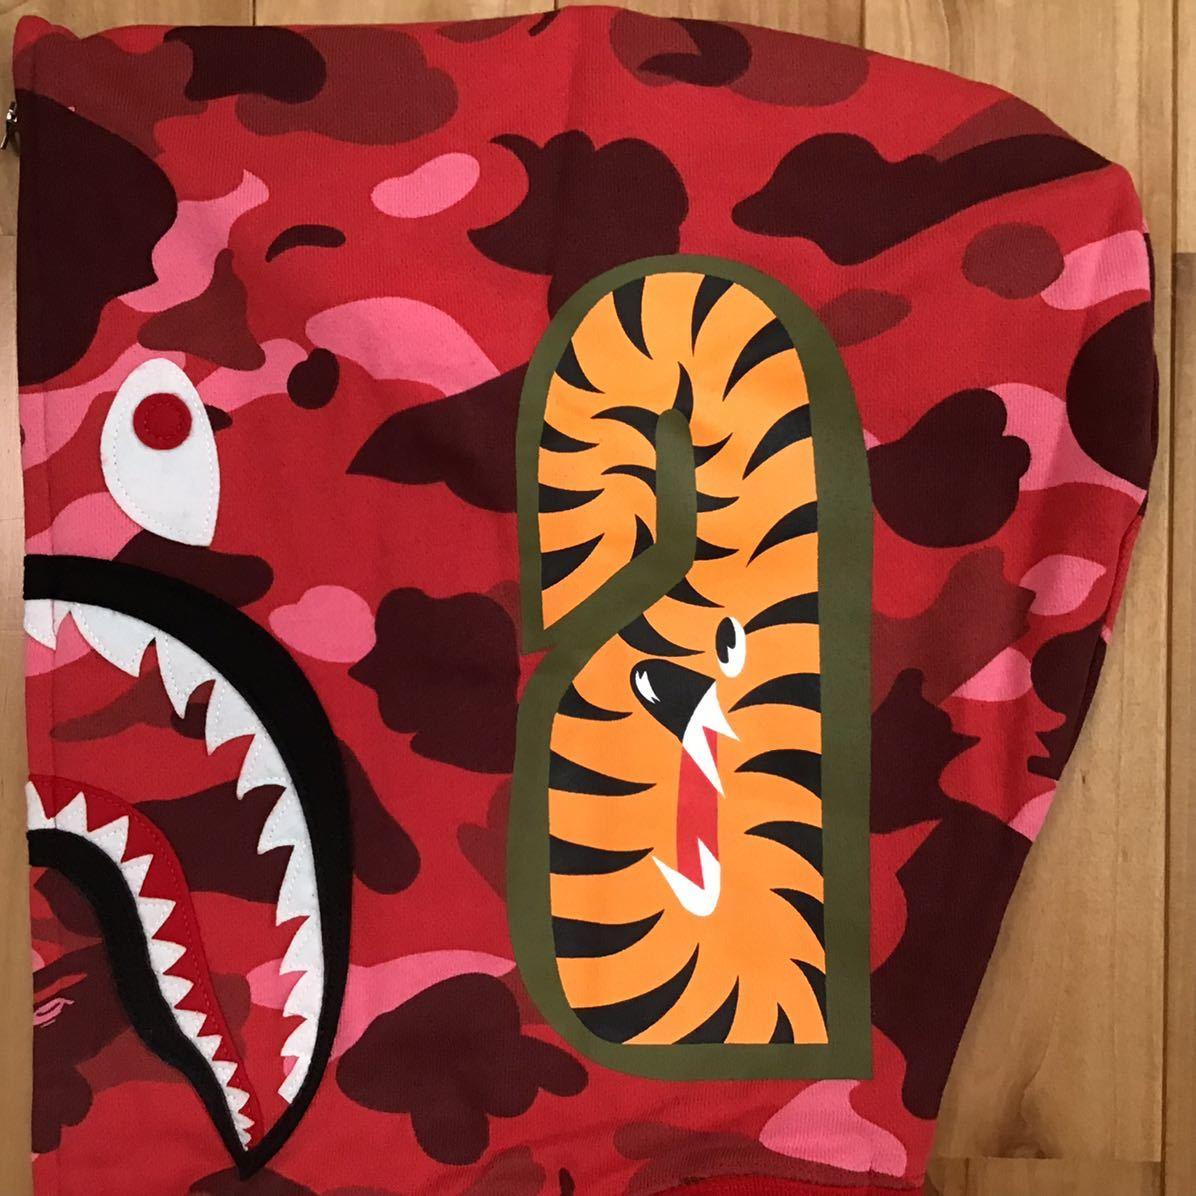 ★新品★ kanye west着用 青山限定 シャーク パーカー Lサイズ shark full zip hoodie a bathing ape bape ベイプ エイプ pharrell camo 62